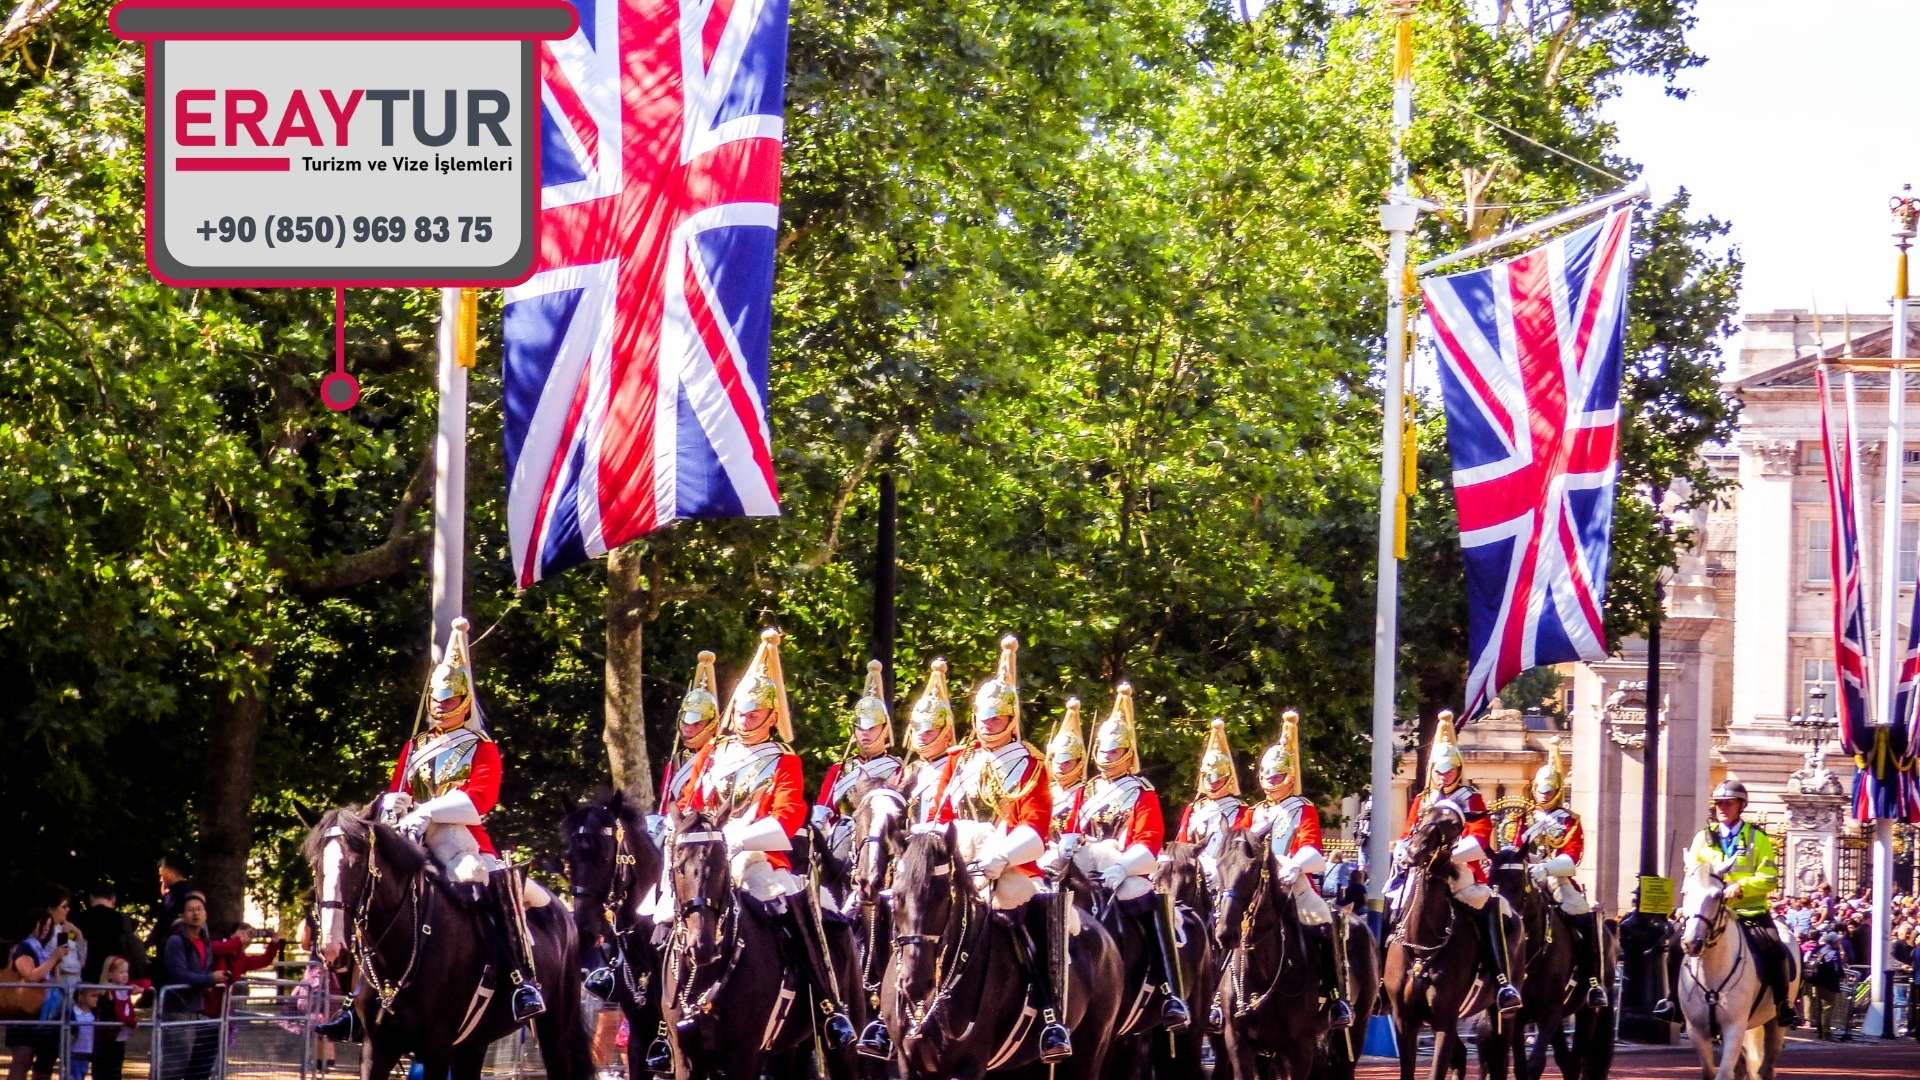 İngiltere Turistik Vize Dilekçe Örneği